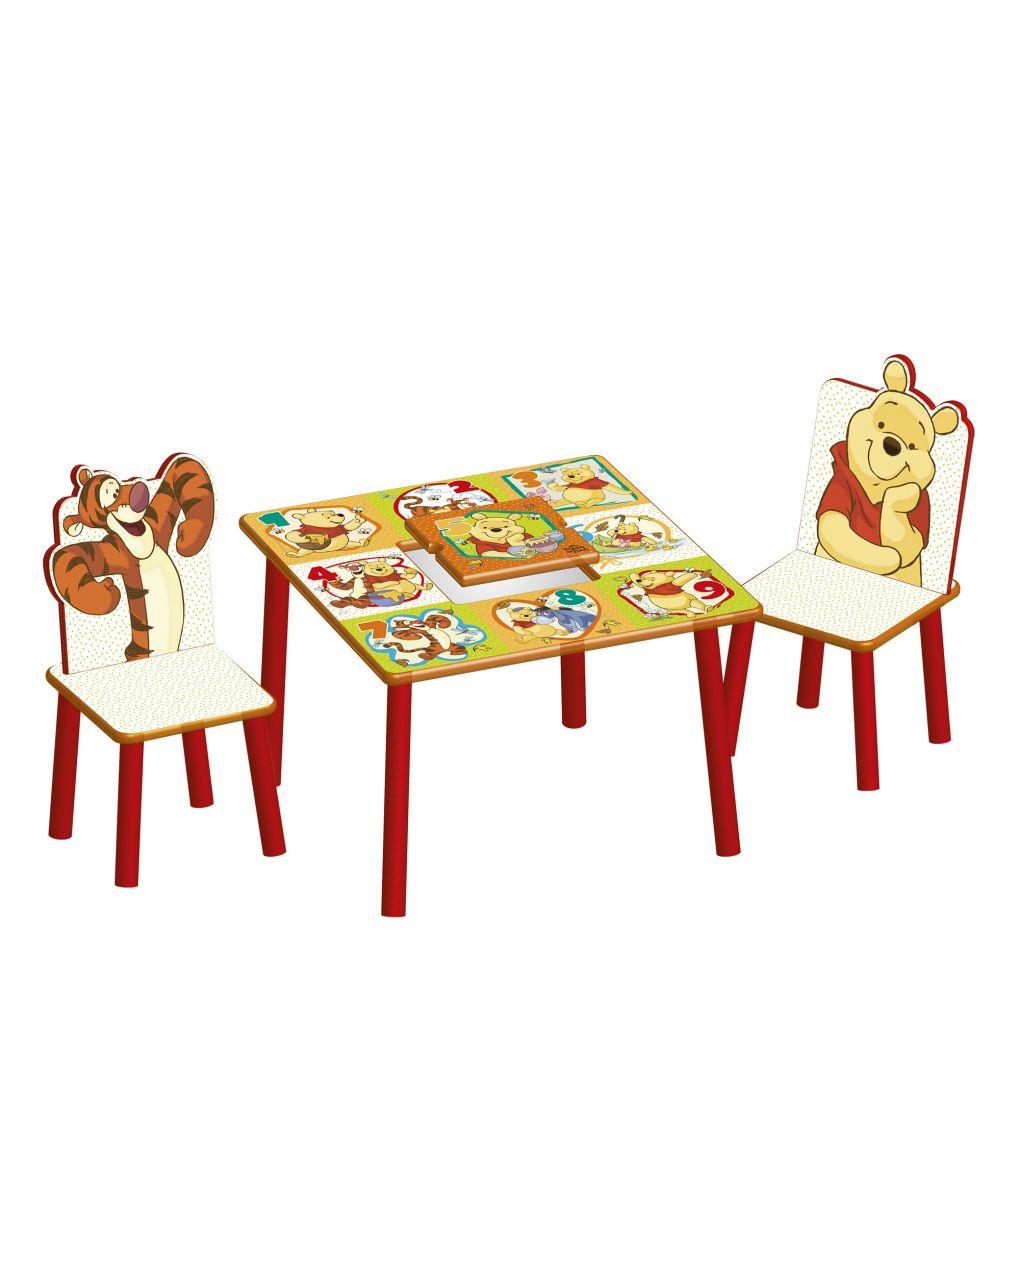 Sorriso de bebê - mesa e cadeiras do ursinho pooh - Baby Smile